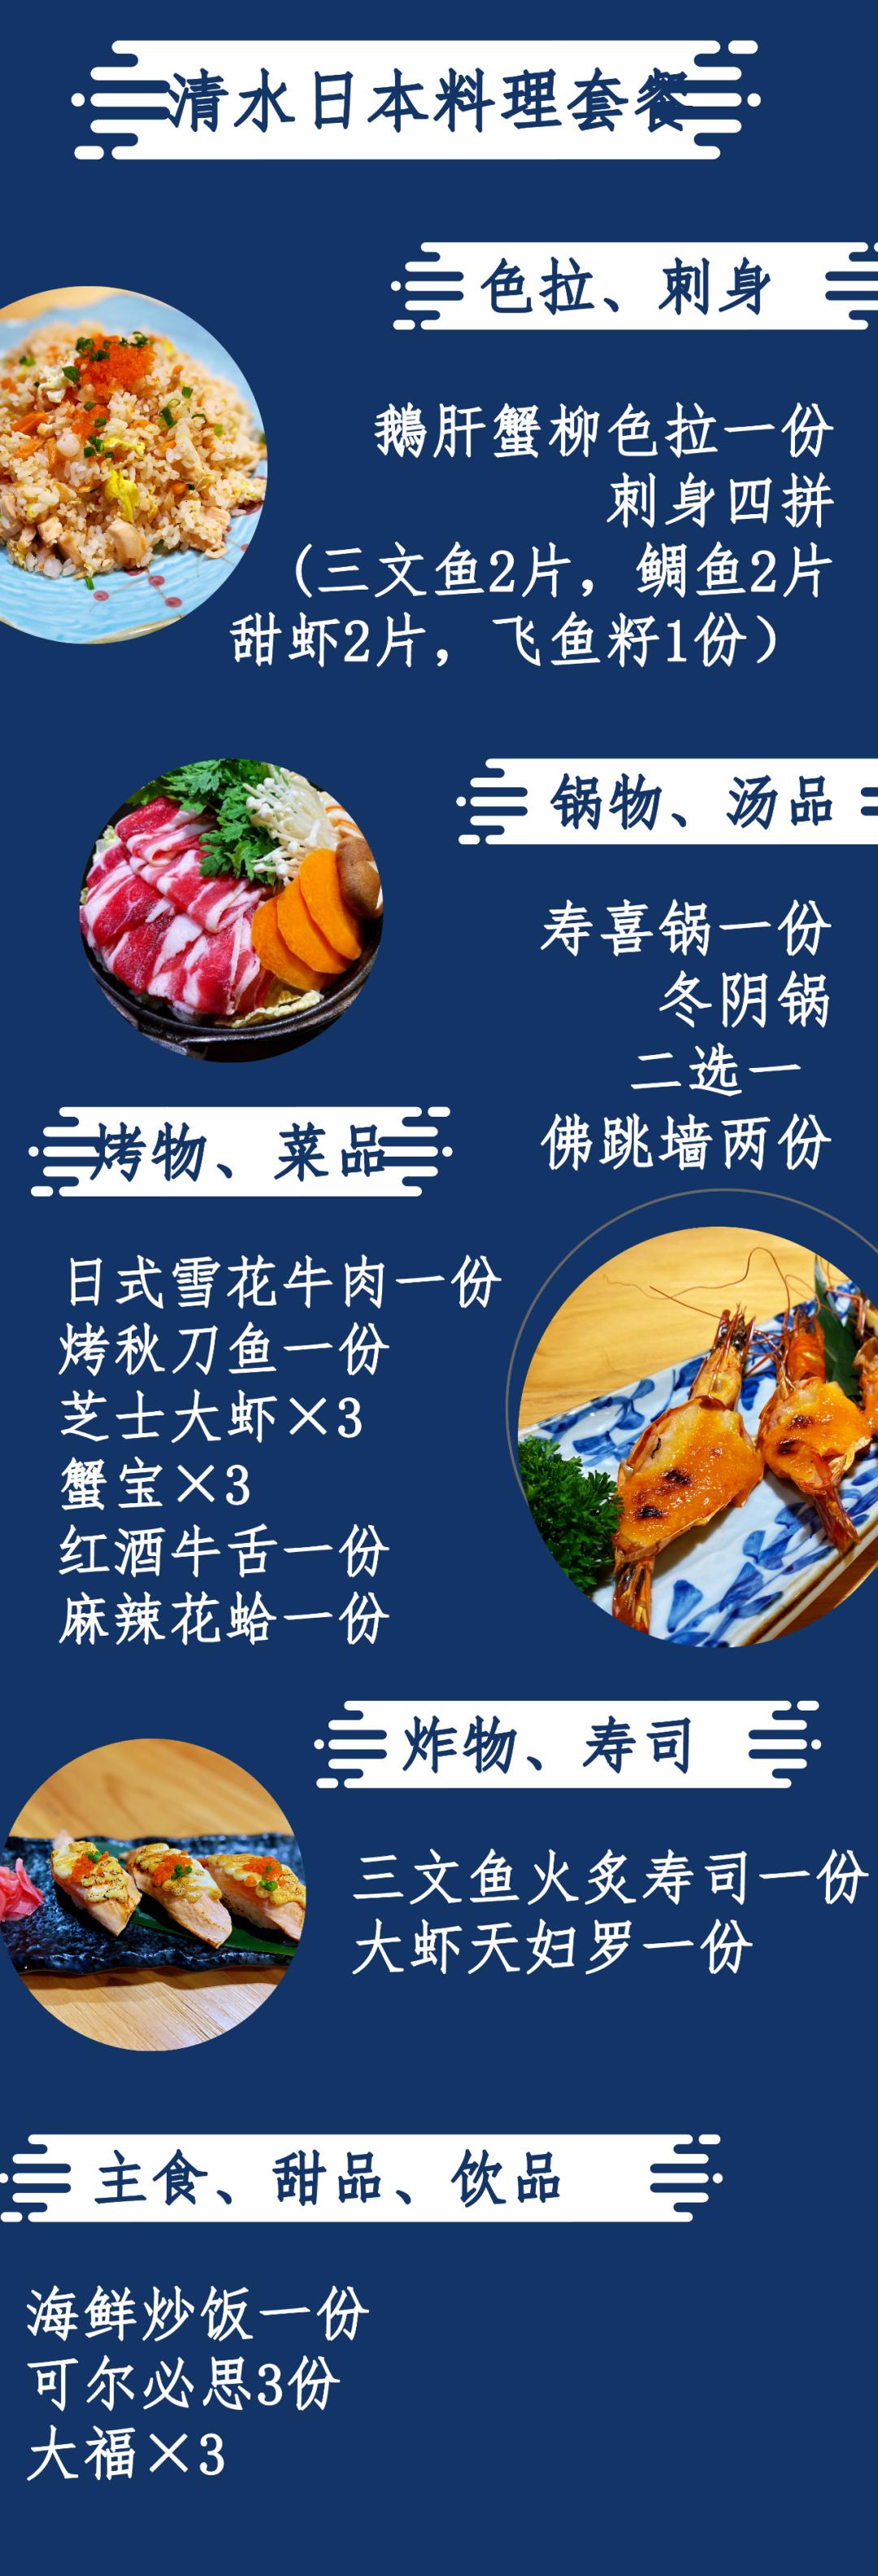 【黄浦区·仙乐斯广场·清水日本料理】丰盛2-3餐仅需178元!!日料盛宴!寿喜锅、佛跳墙、刺身、日式雪花牛肉……美食享不停